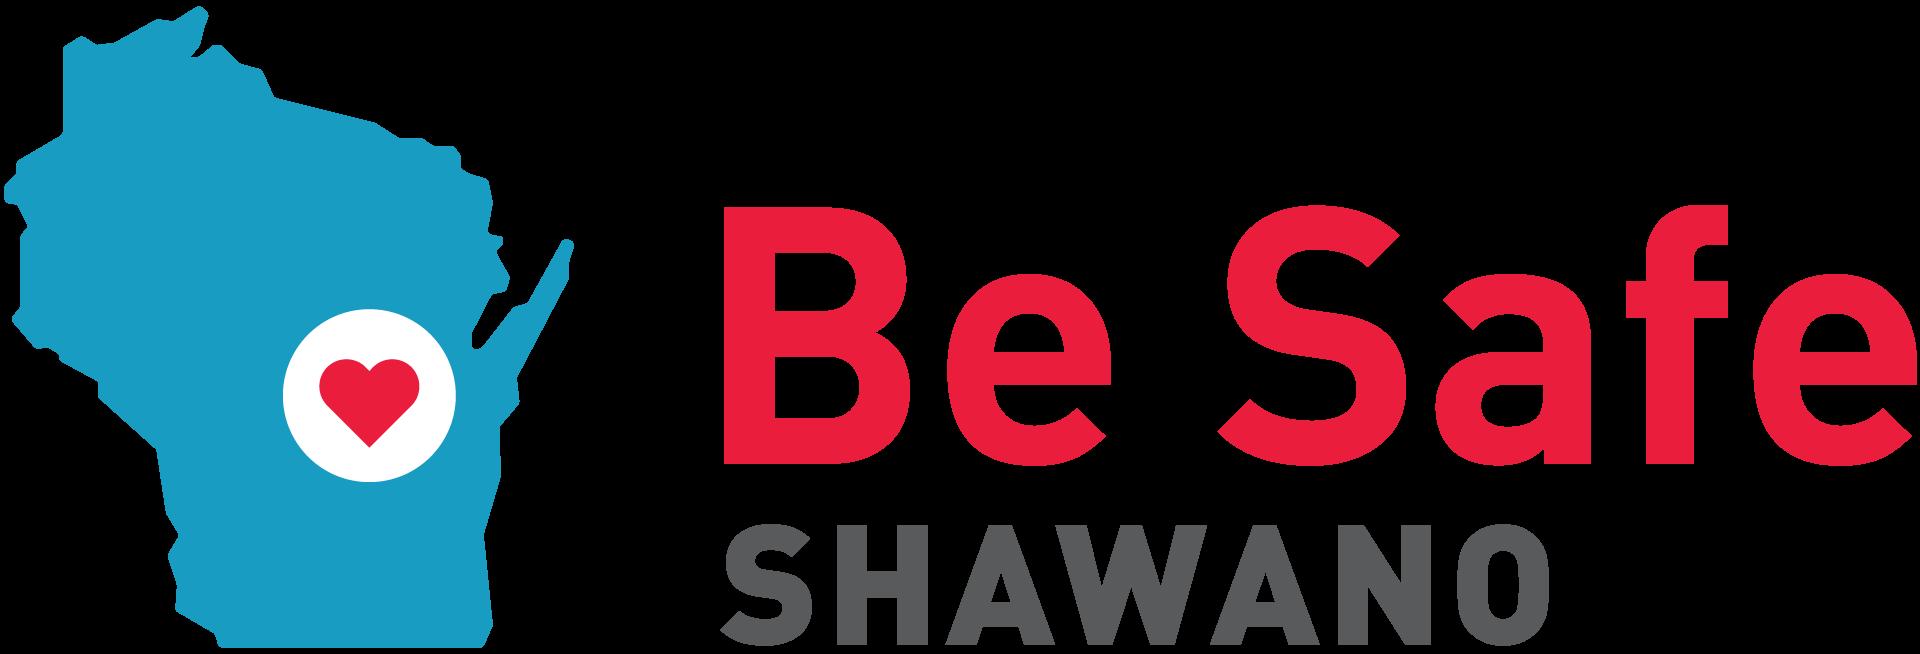 Be Safe Shawano